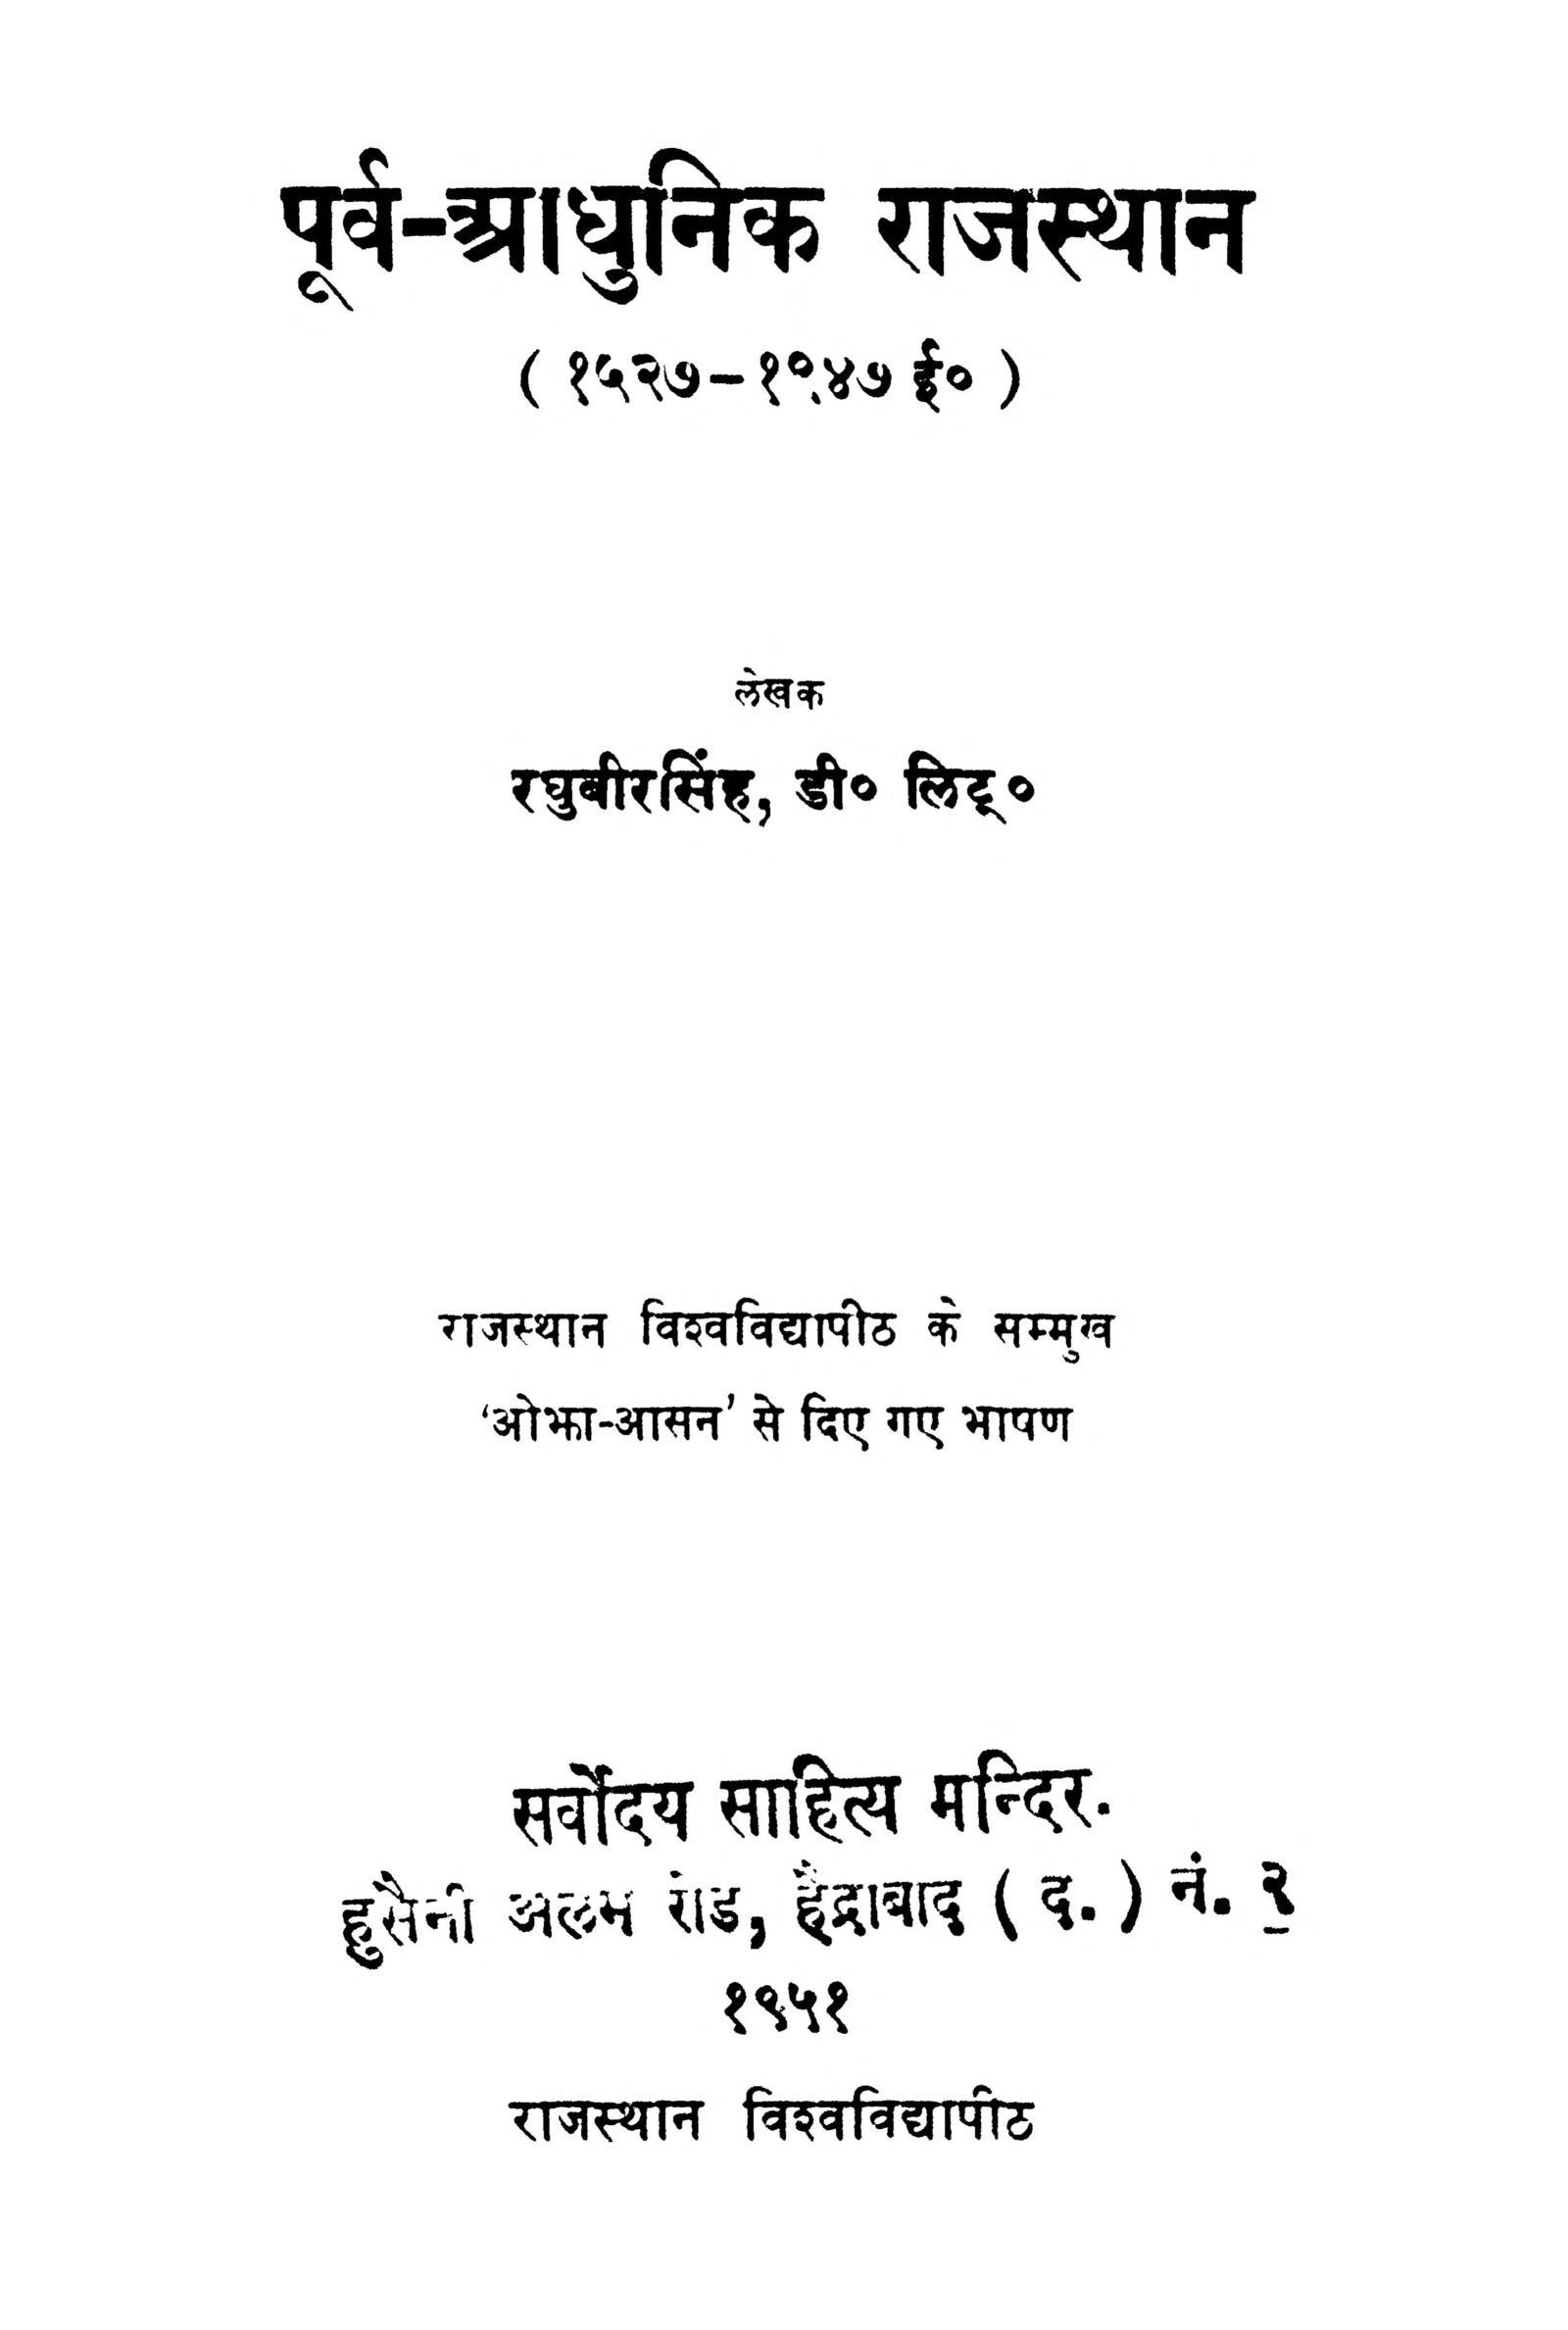 Book Image : पूर्व - आधुनिक राजस्थान - Purv - Aadhunik Rajasthan